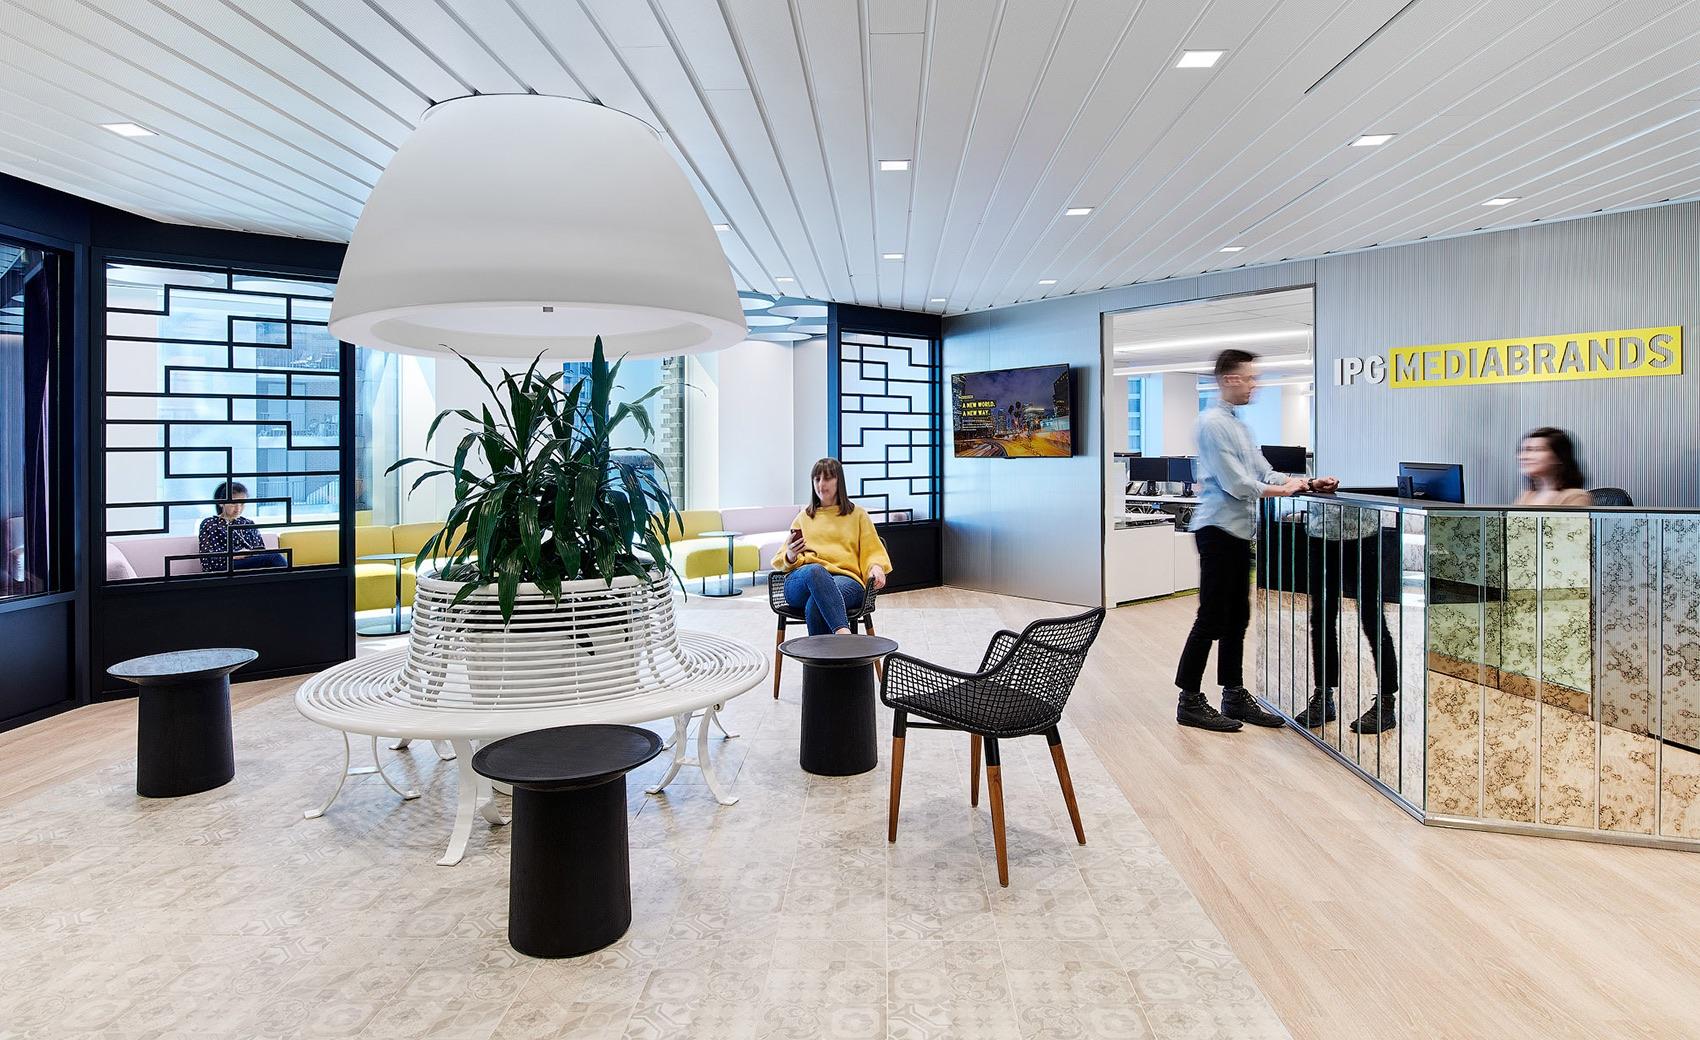 mediabrands-toronto-office-1